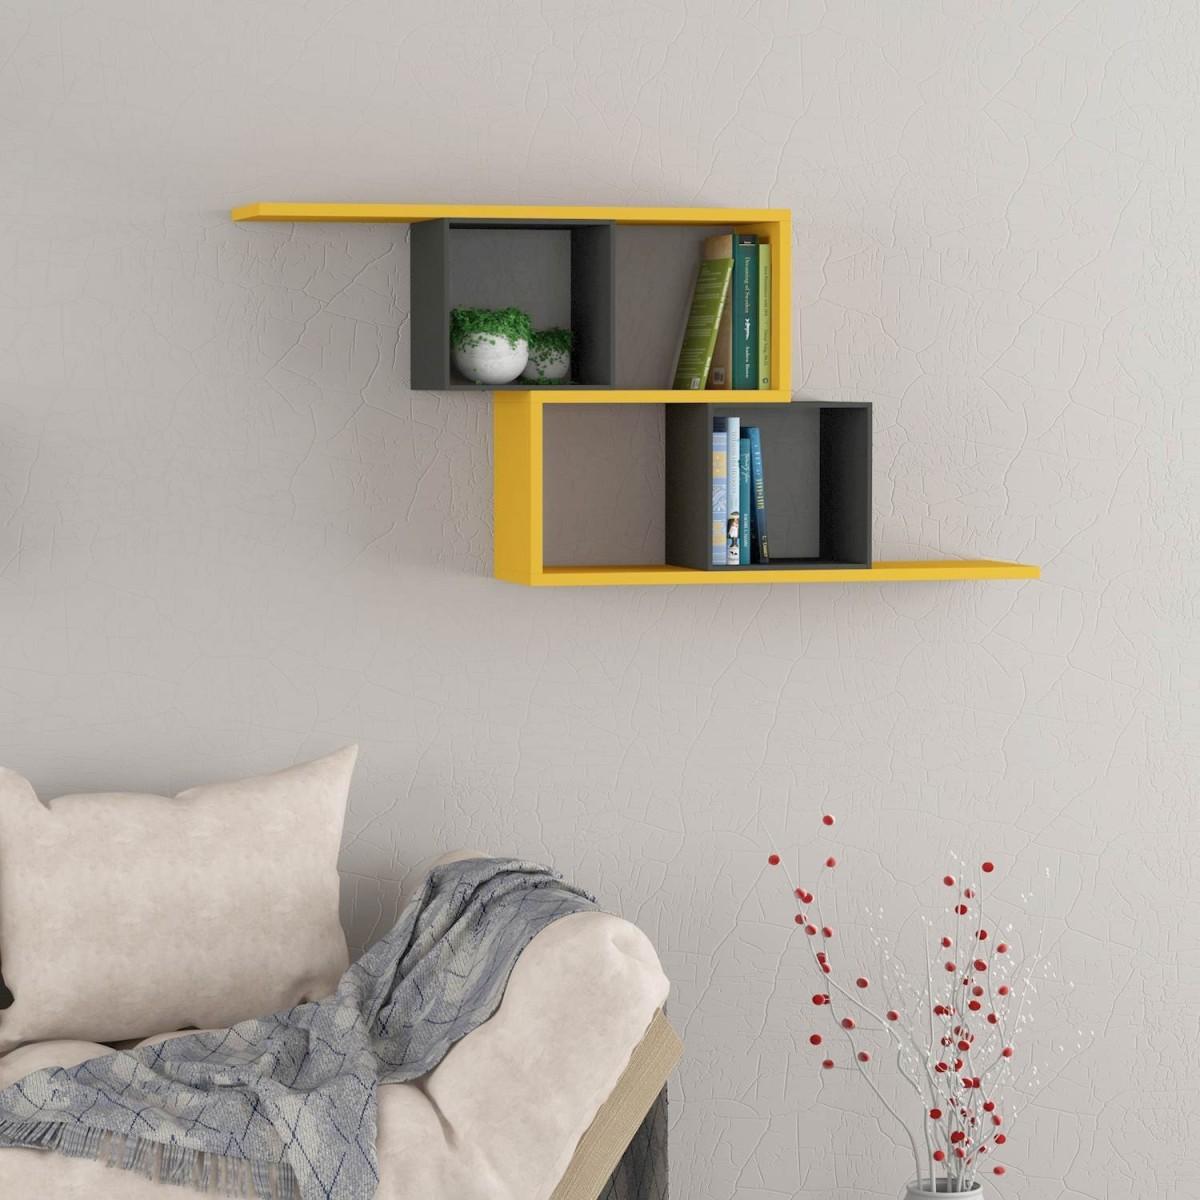 Librerie in legno dal design moderno o classico per arredamento zona ...